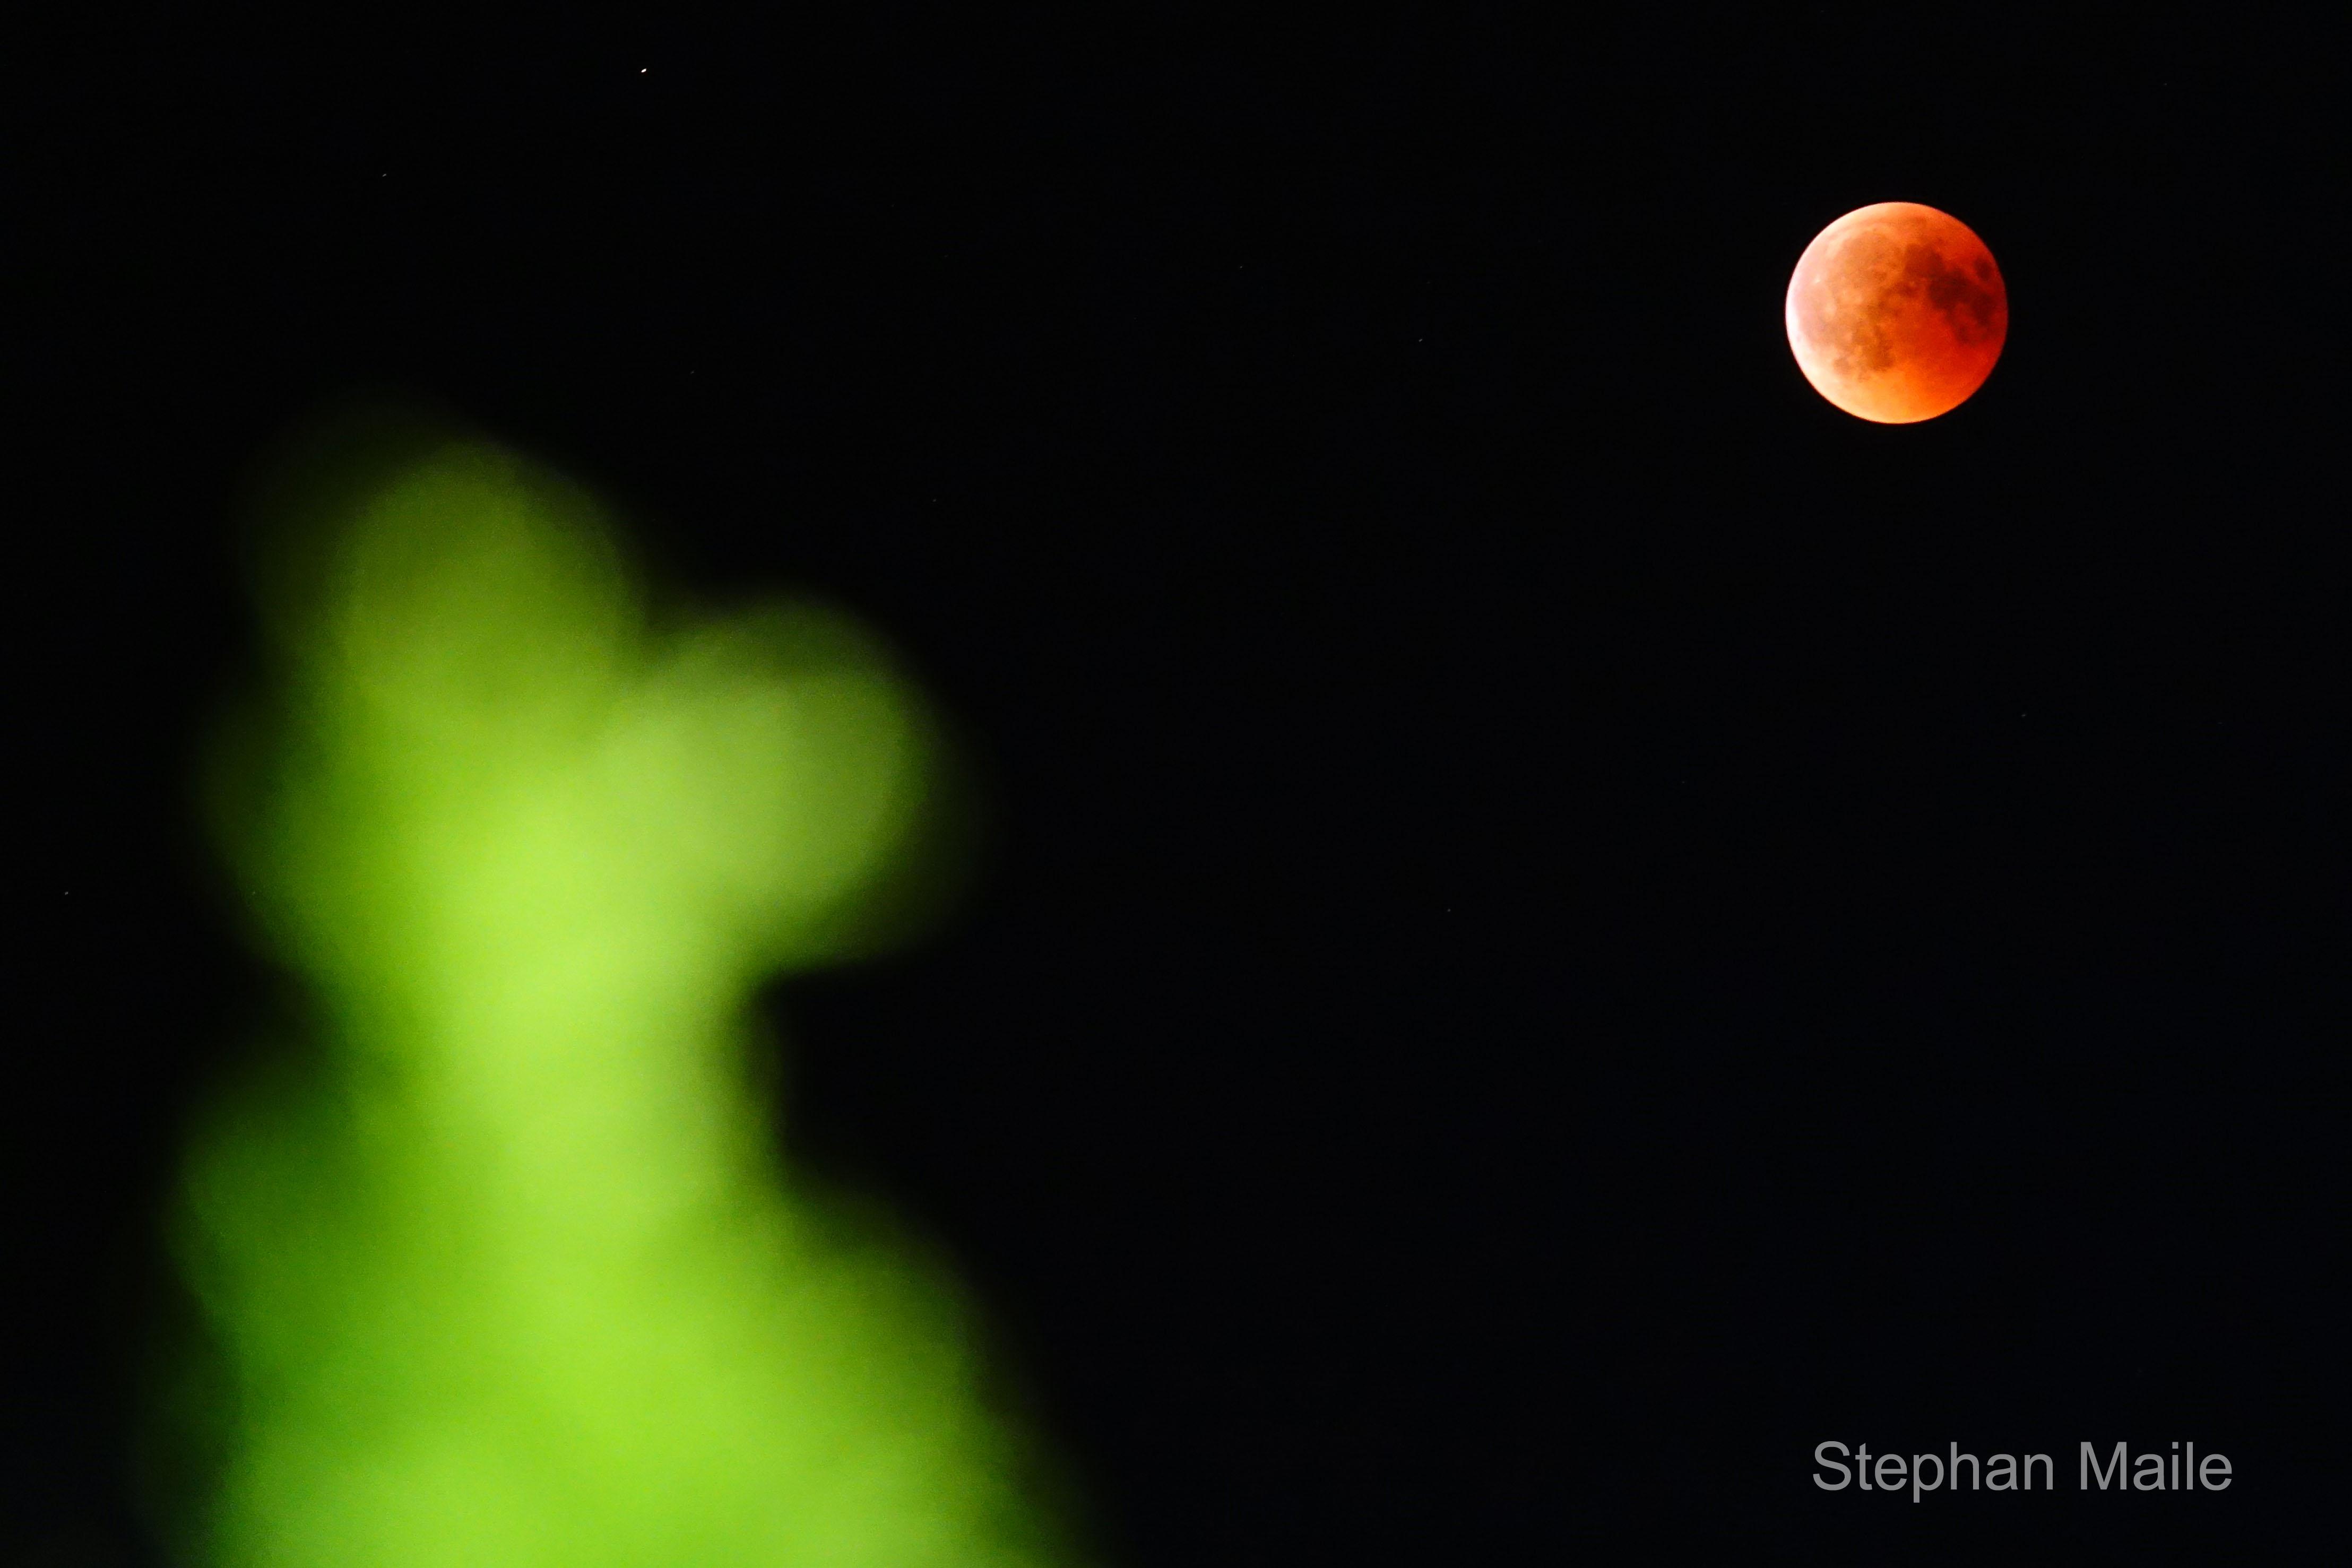 Mond_02